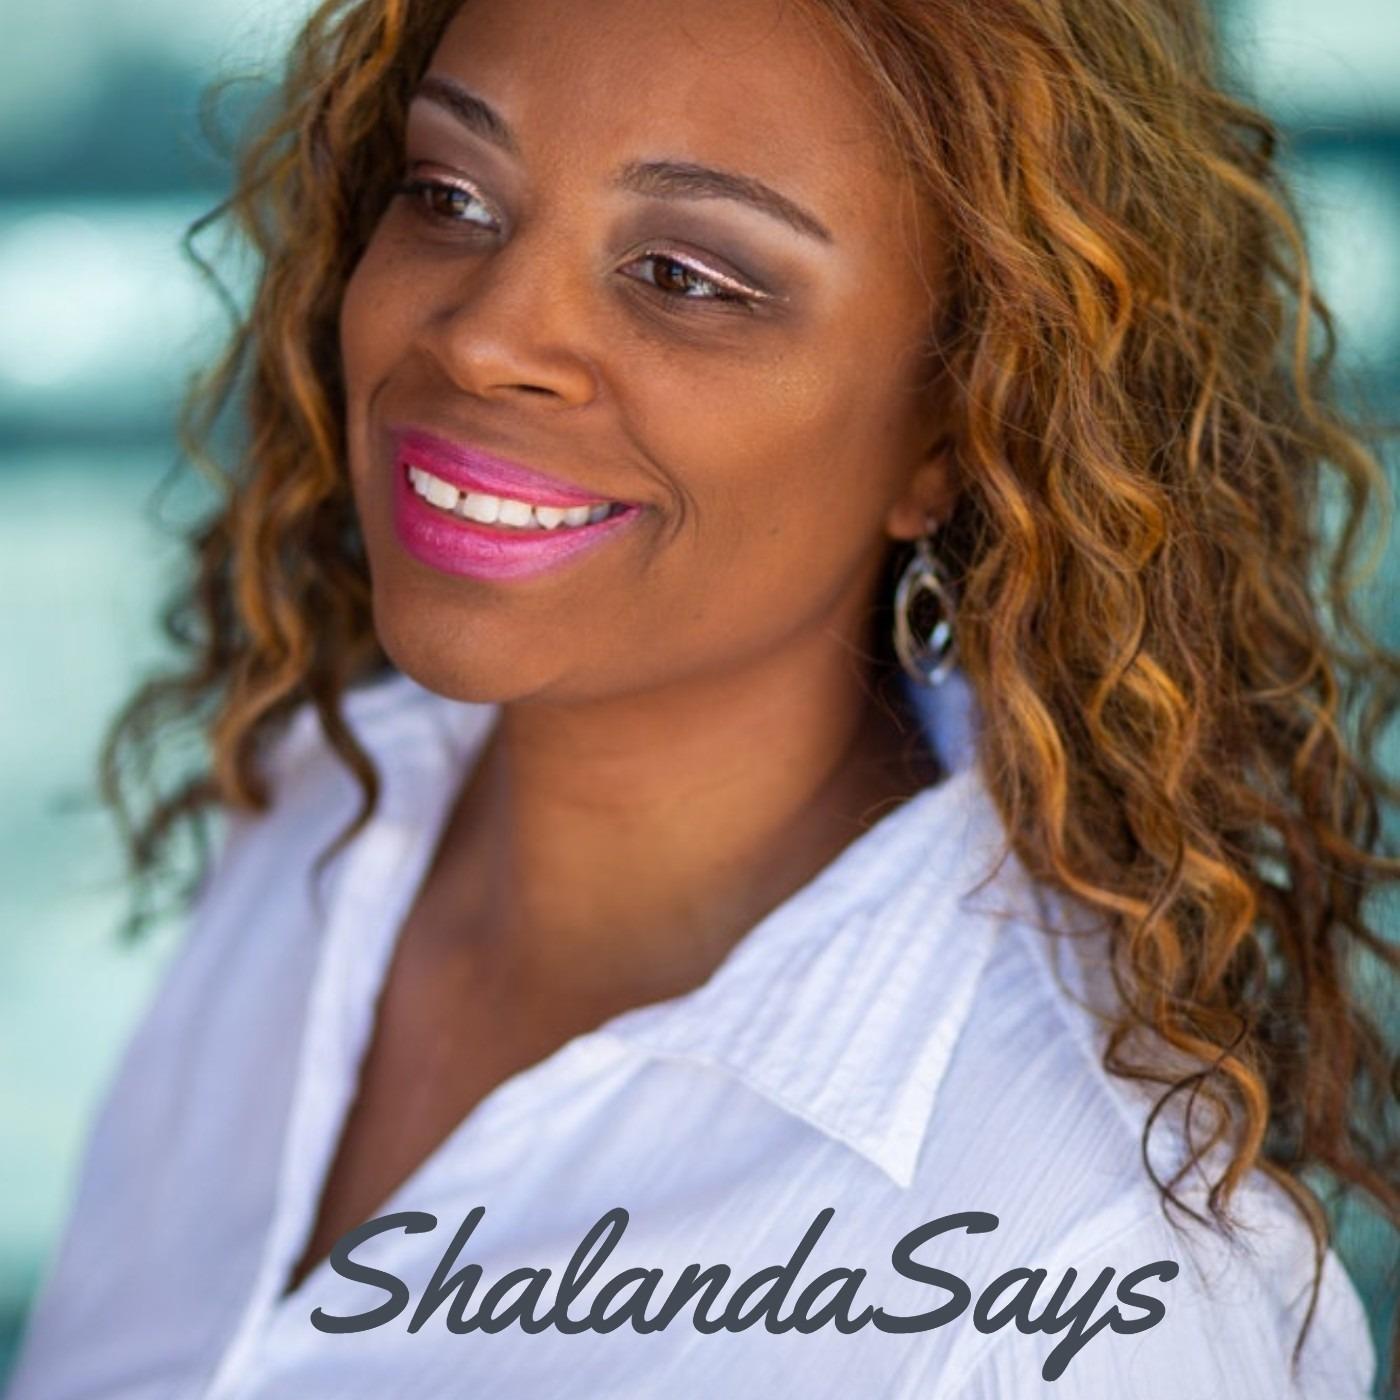 ShalandaSays Meet Susan Neal